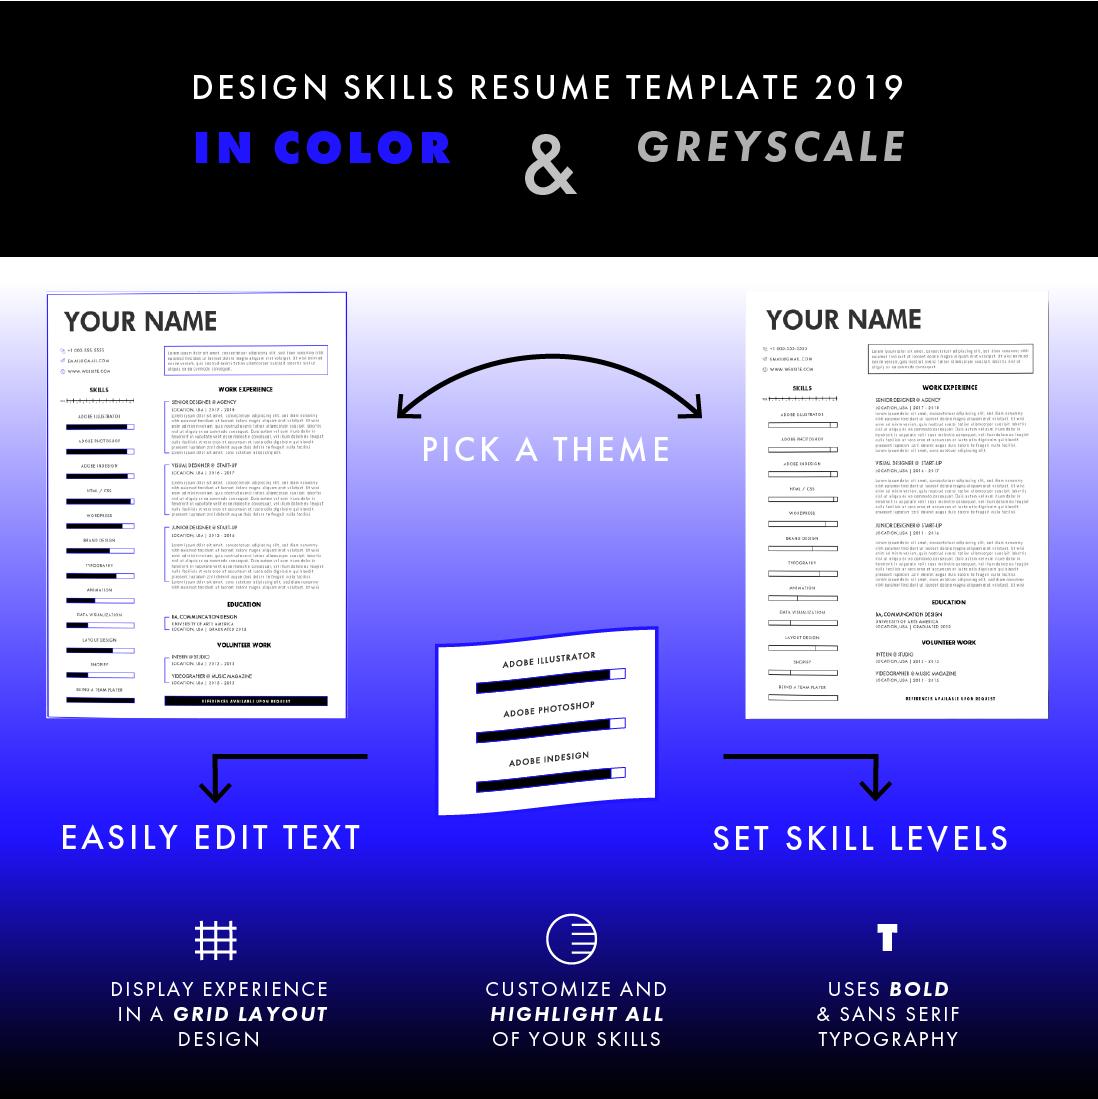 Free Design Resume For Adobe Illustrator 2019 On Behance